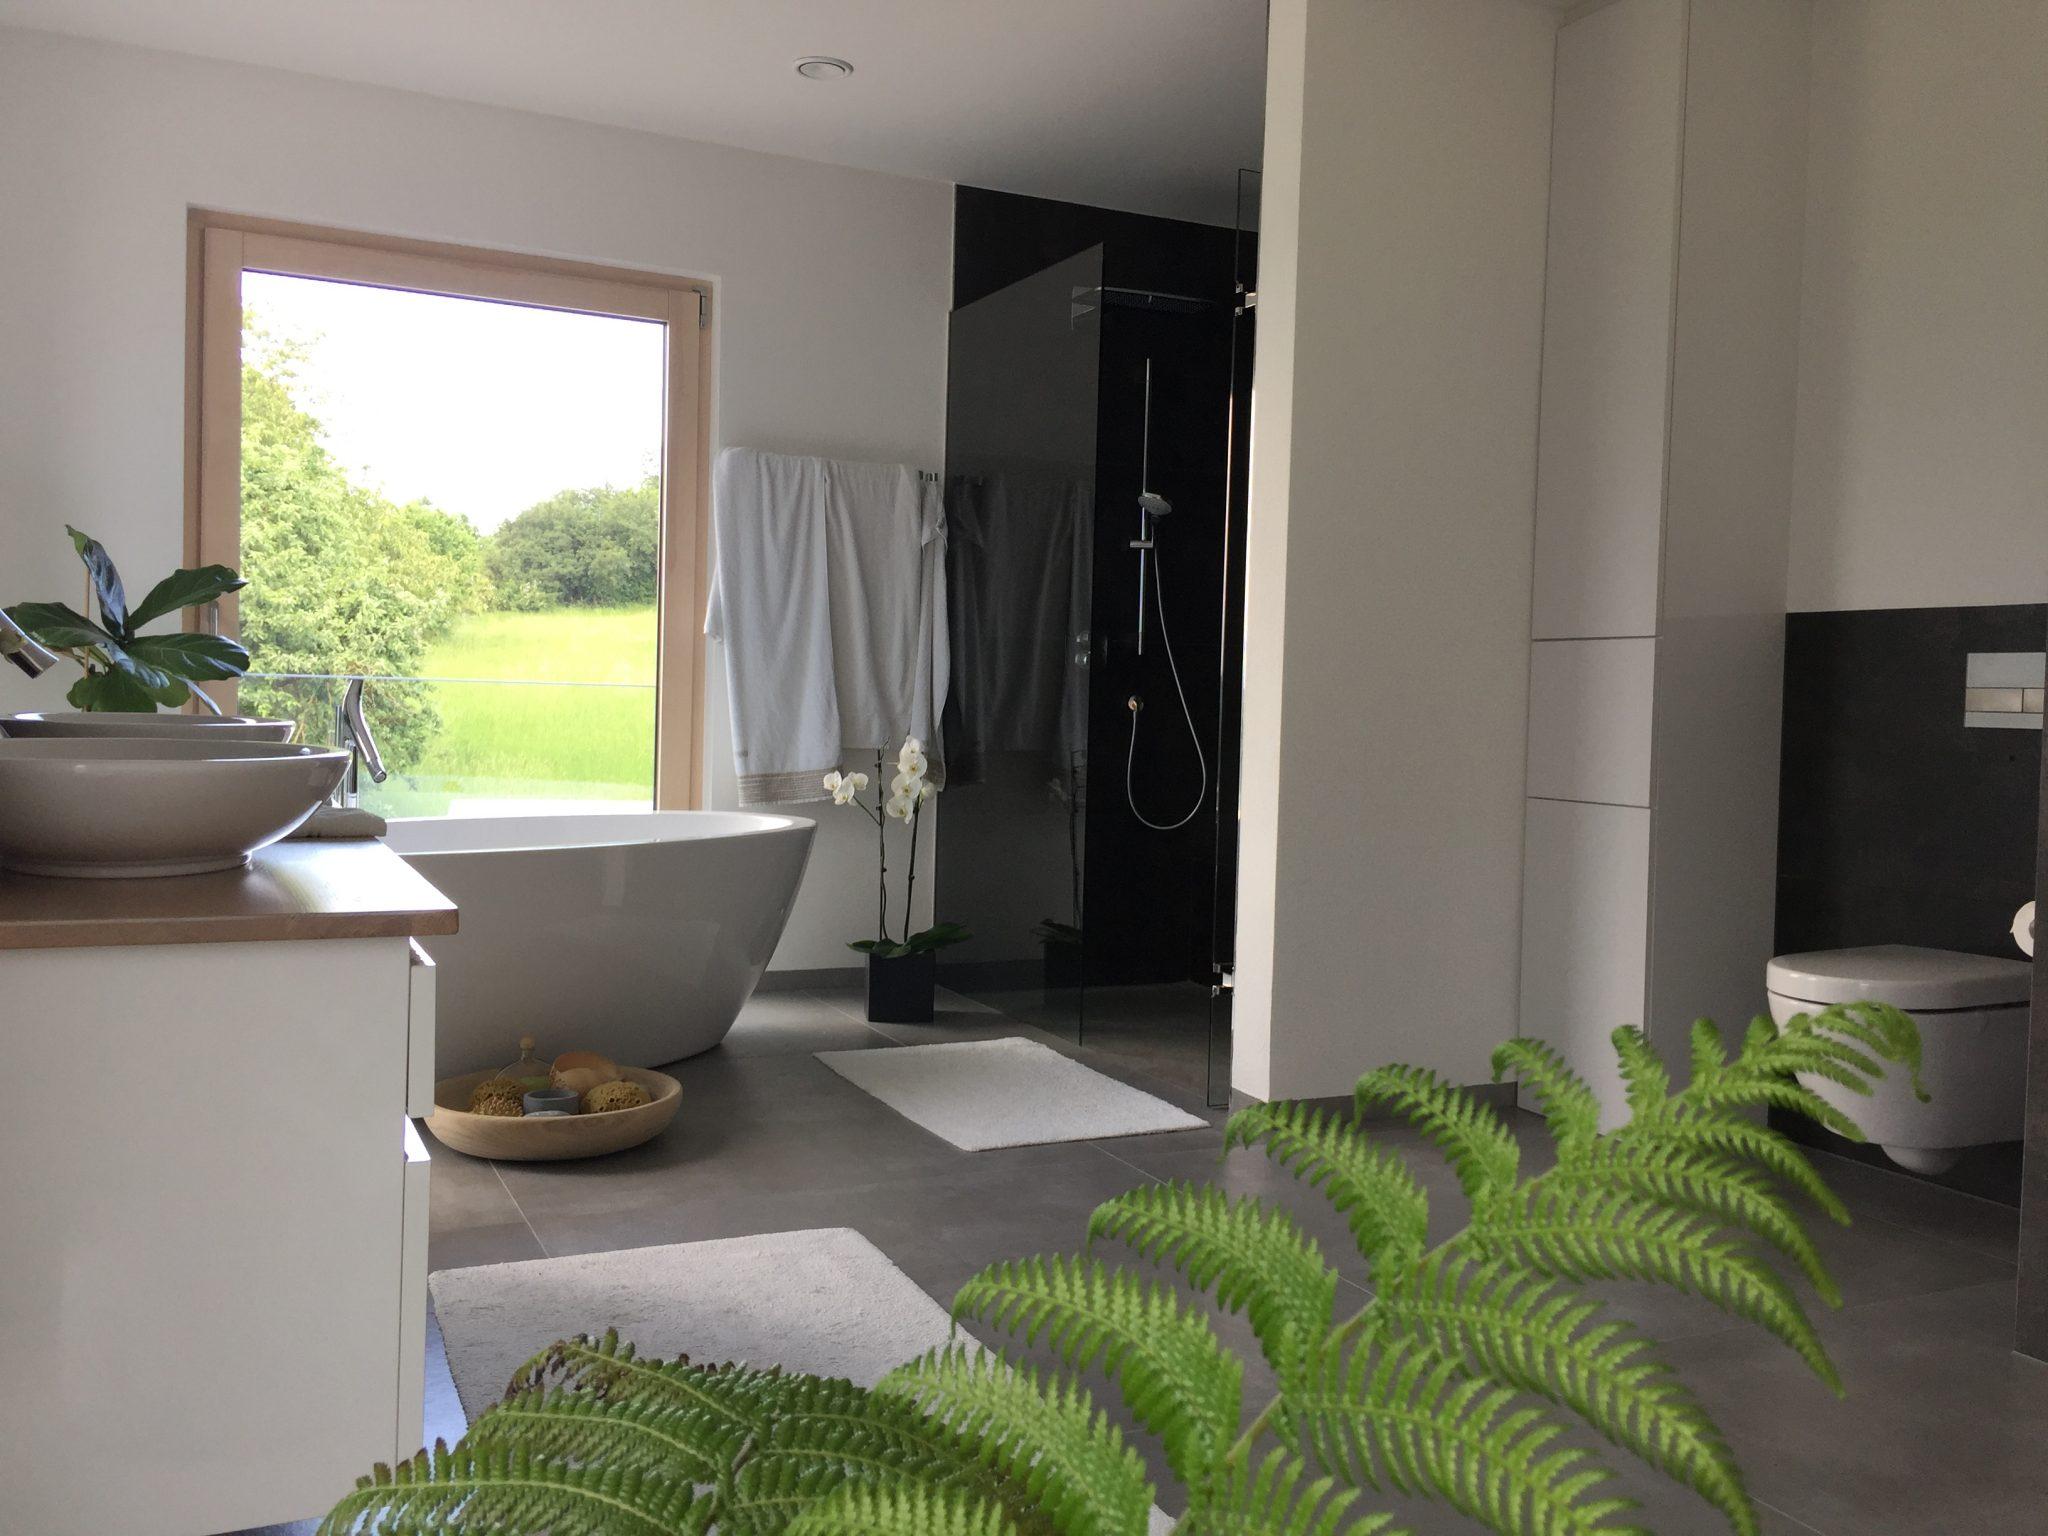 Neues Badezimmer mit WOW-Effekt | fliesenraum – Ihre ...